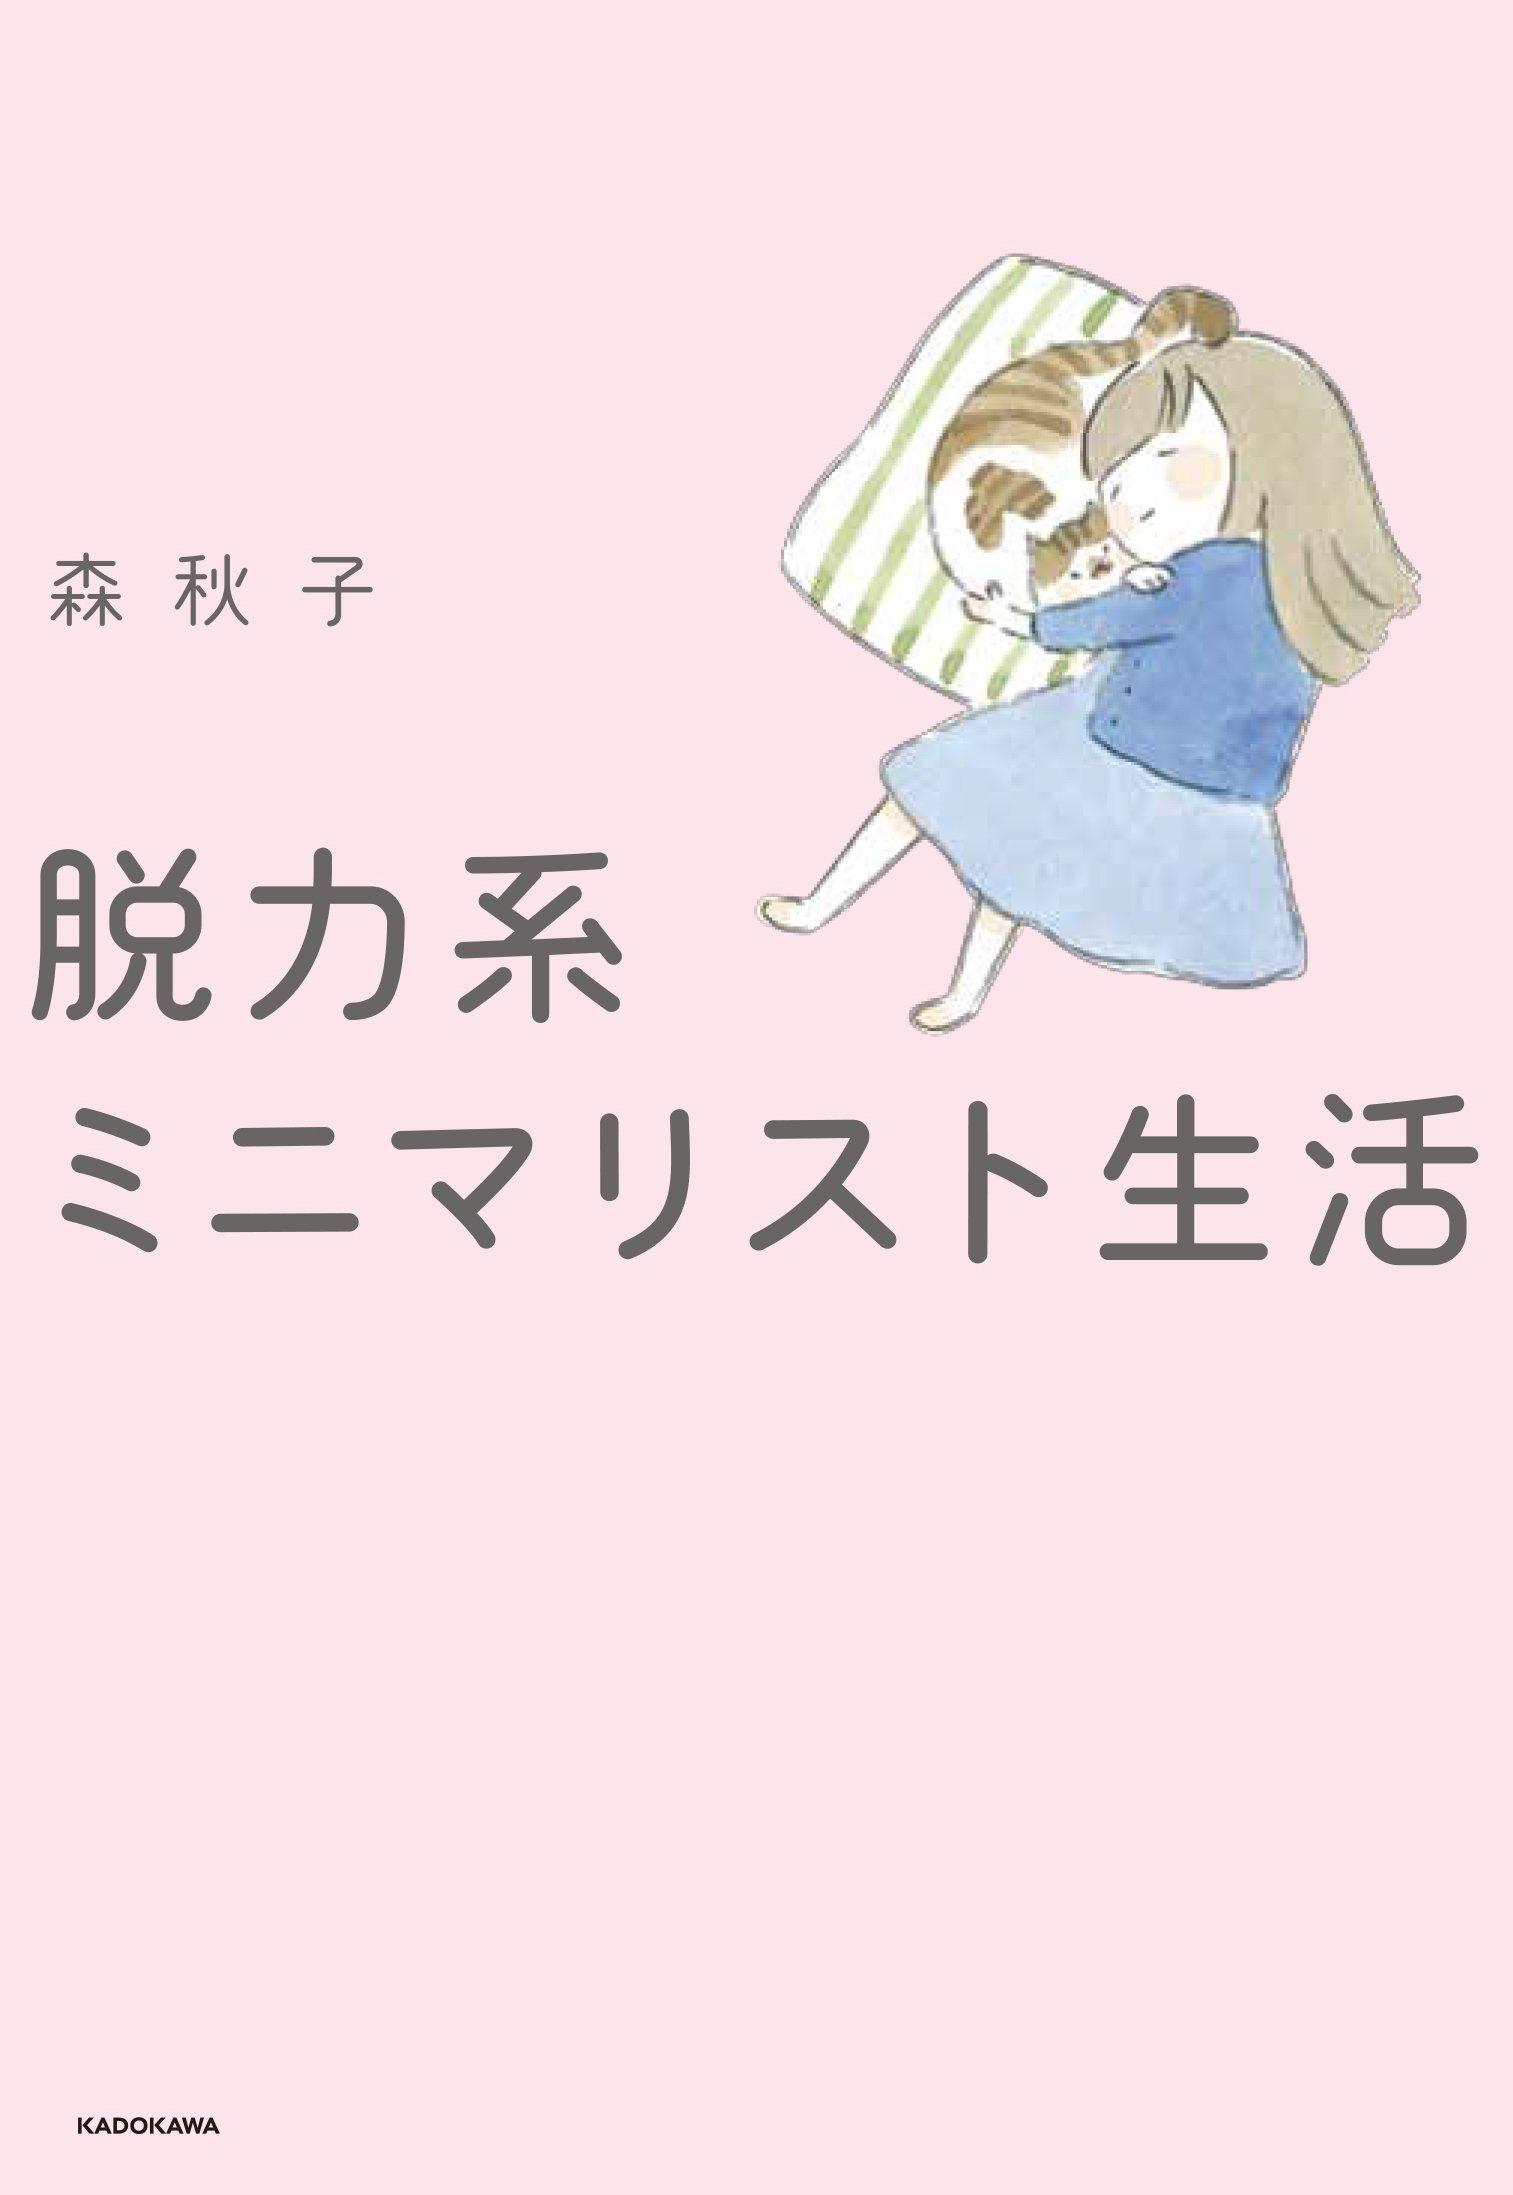 ミニマ リスト 秋子 ブログ